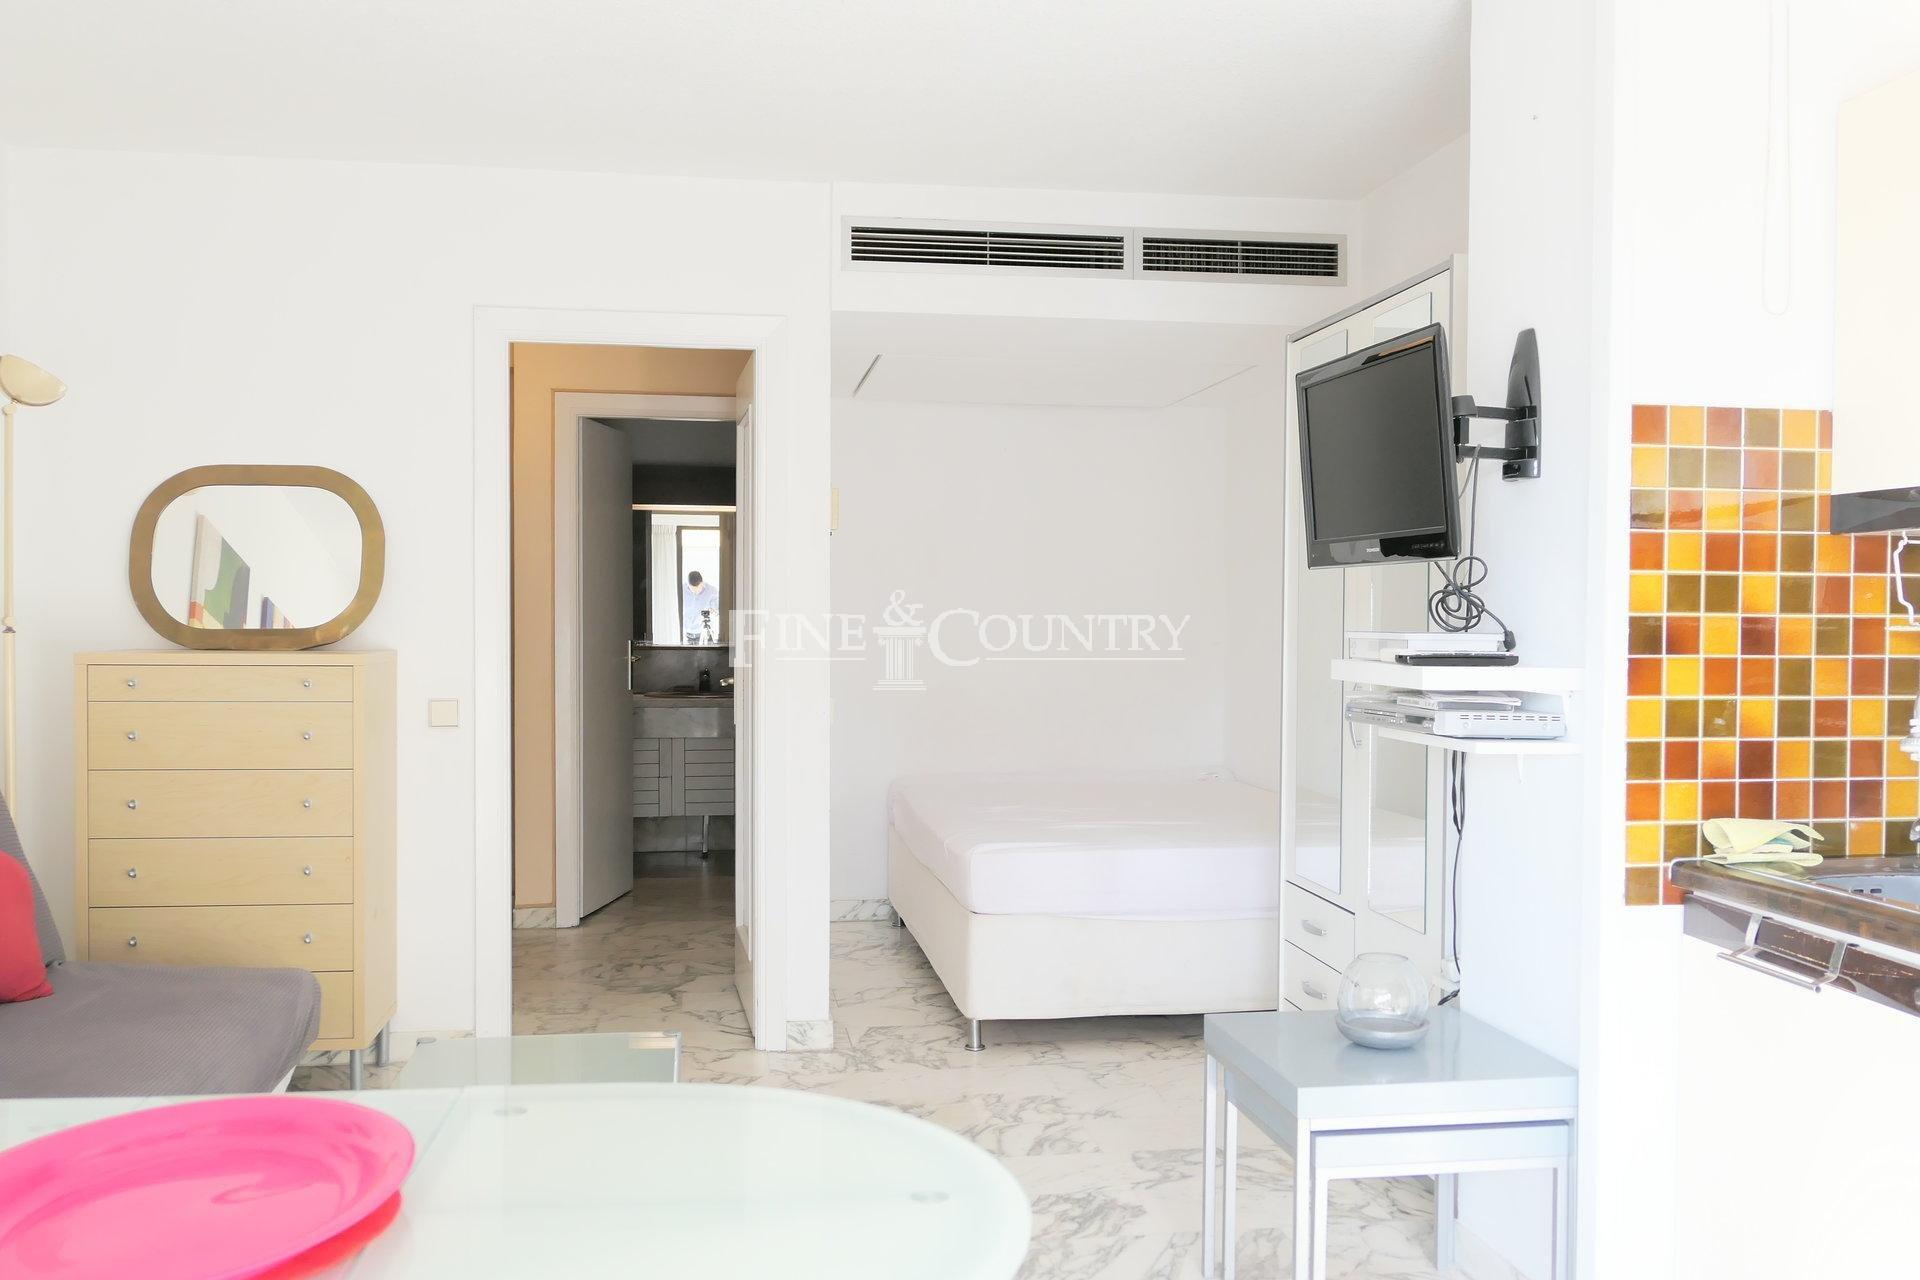 Vente studio proche de la Croisette Cannes